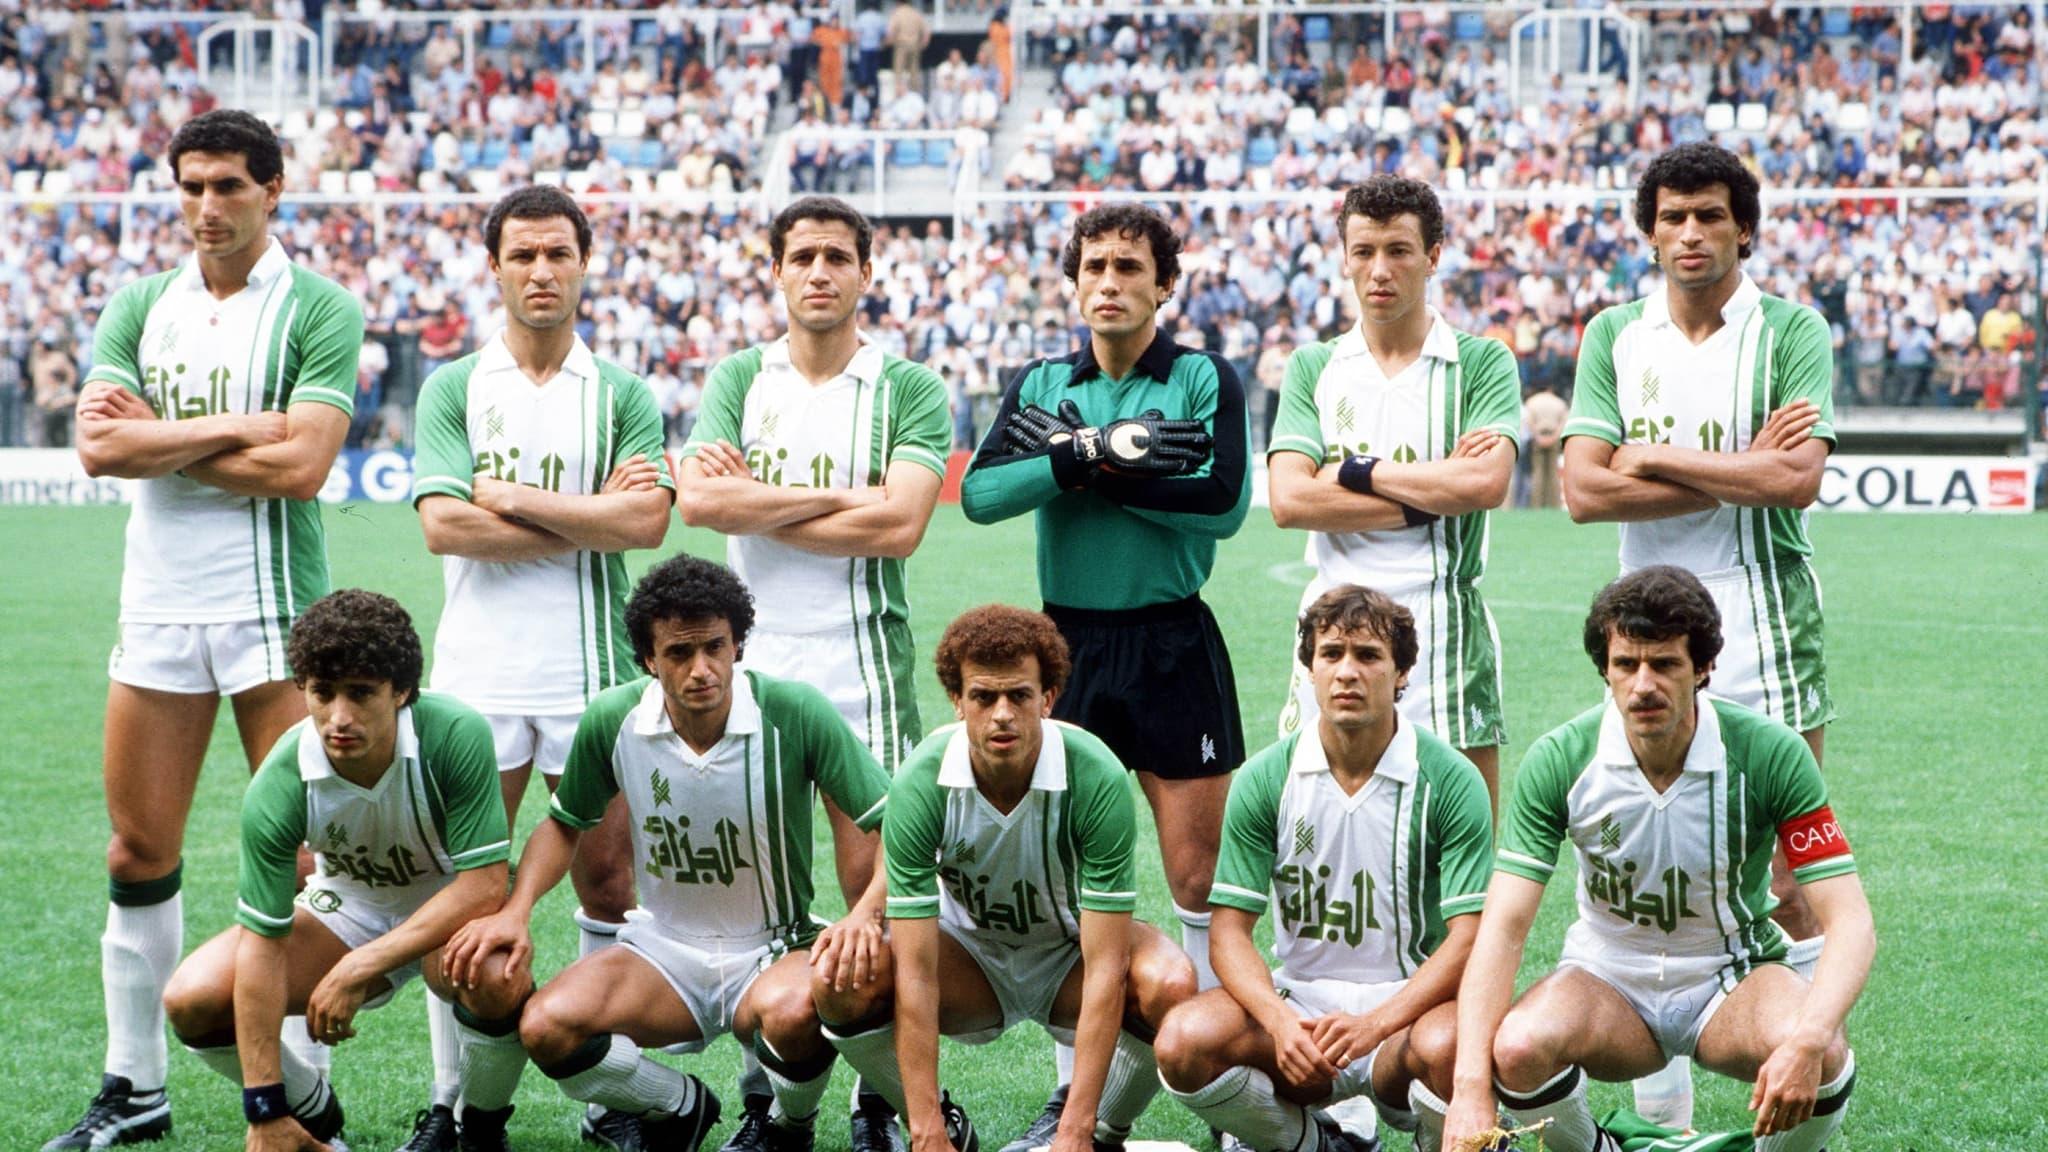 На ЧМ-82 сборные ФРГ и Австрии сыграли скандальный матч. Он стал катализатором изменений ФИФА